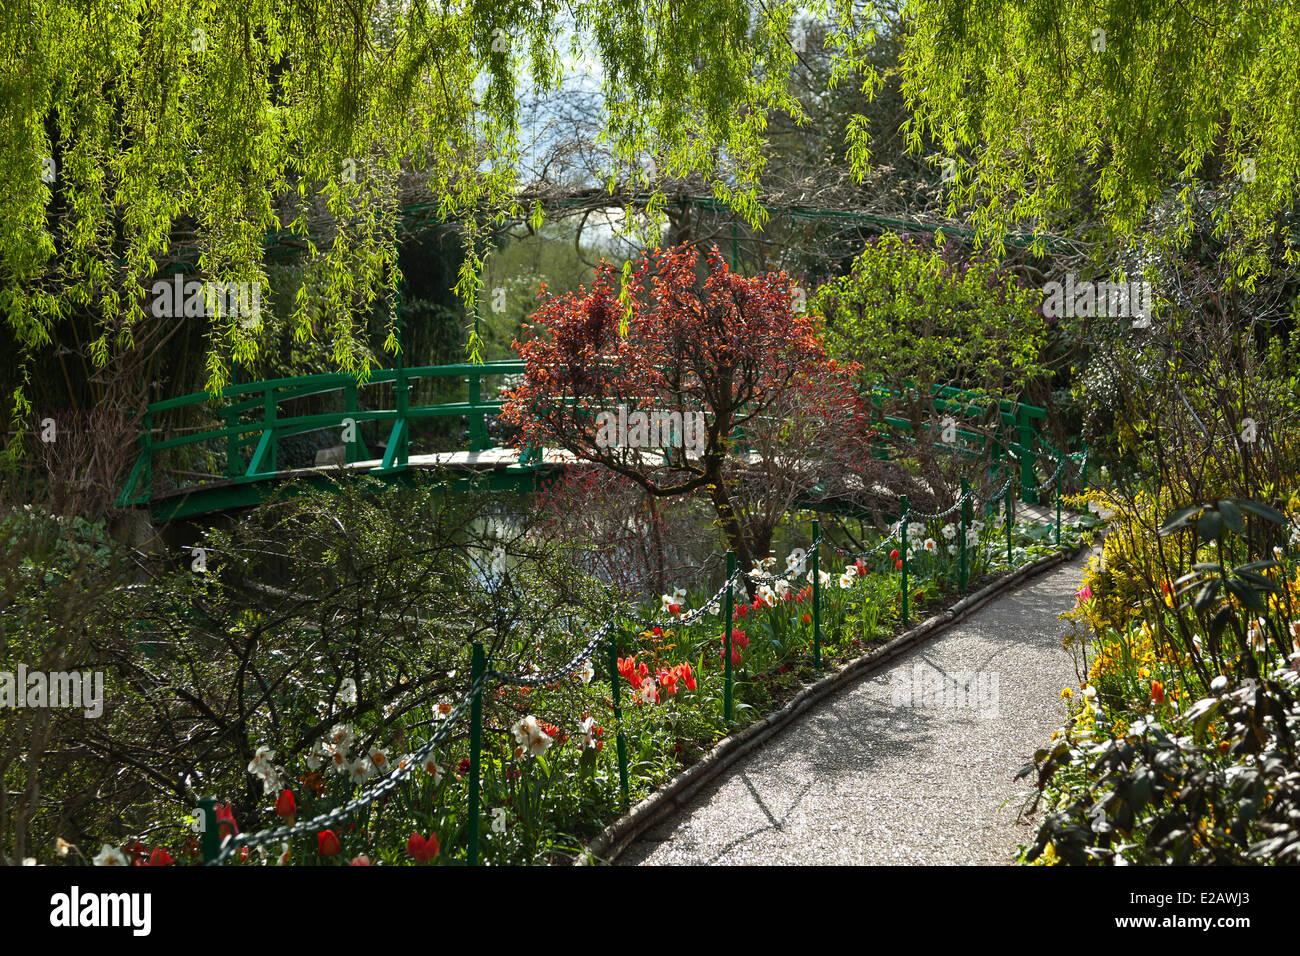 La france l 39 eure giverny claude monet les jardins de la fondation de la maison de monet le - Les jardins de monet ...